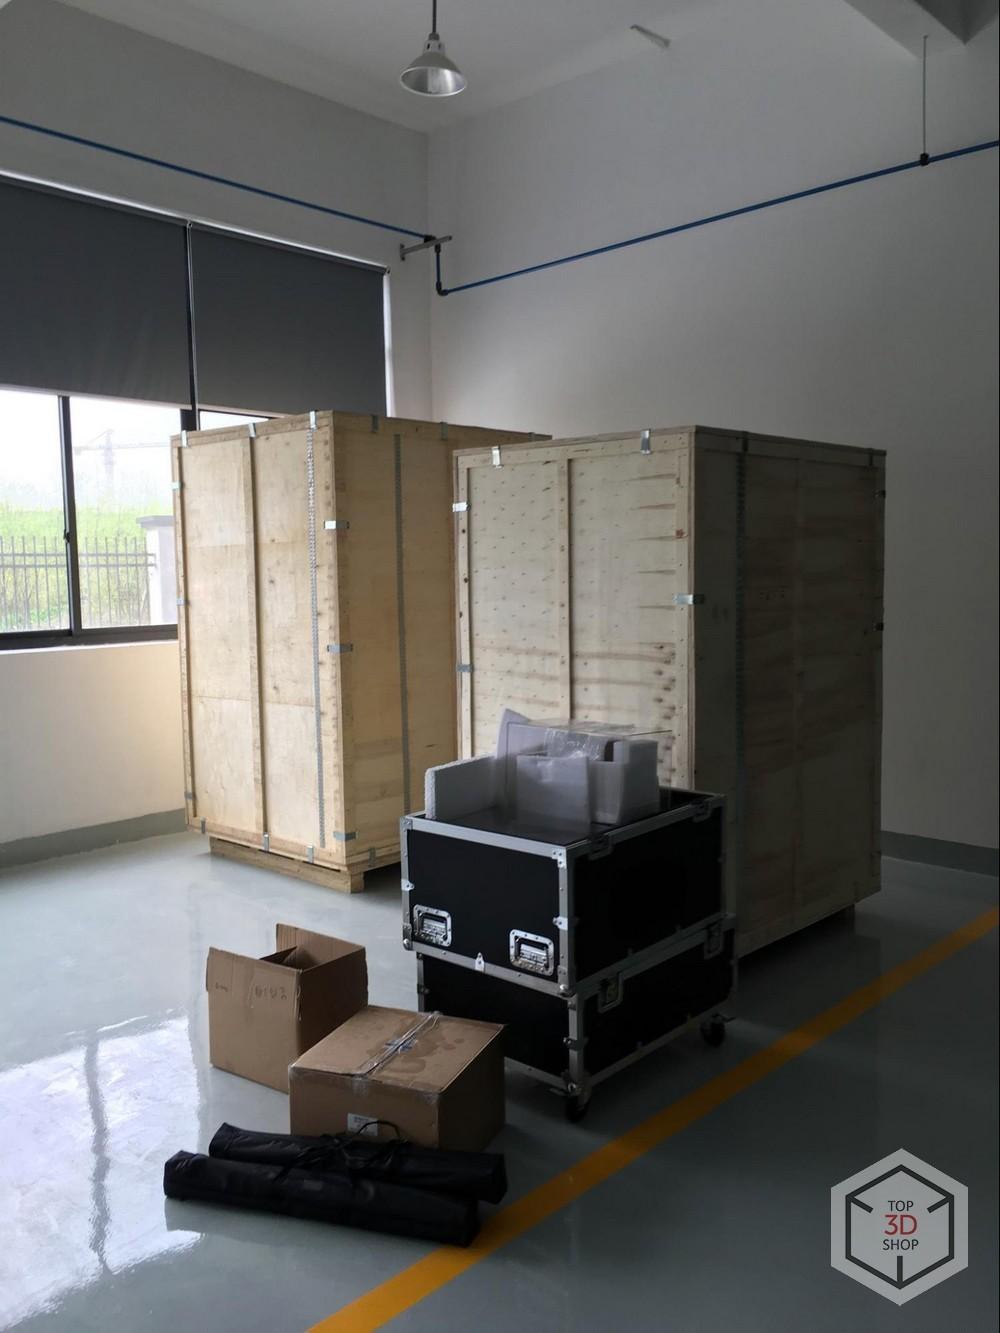 Китай в 3D — здесь делают 3D-принтеры - 50